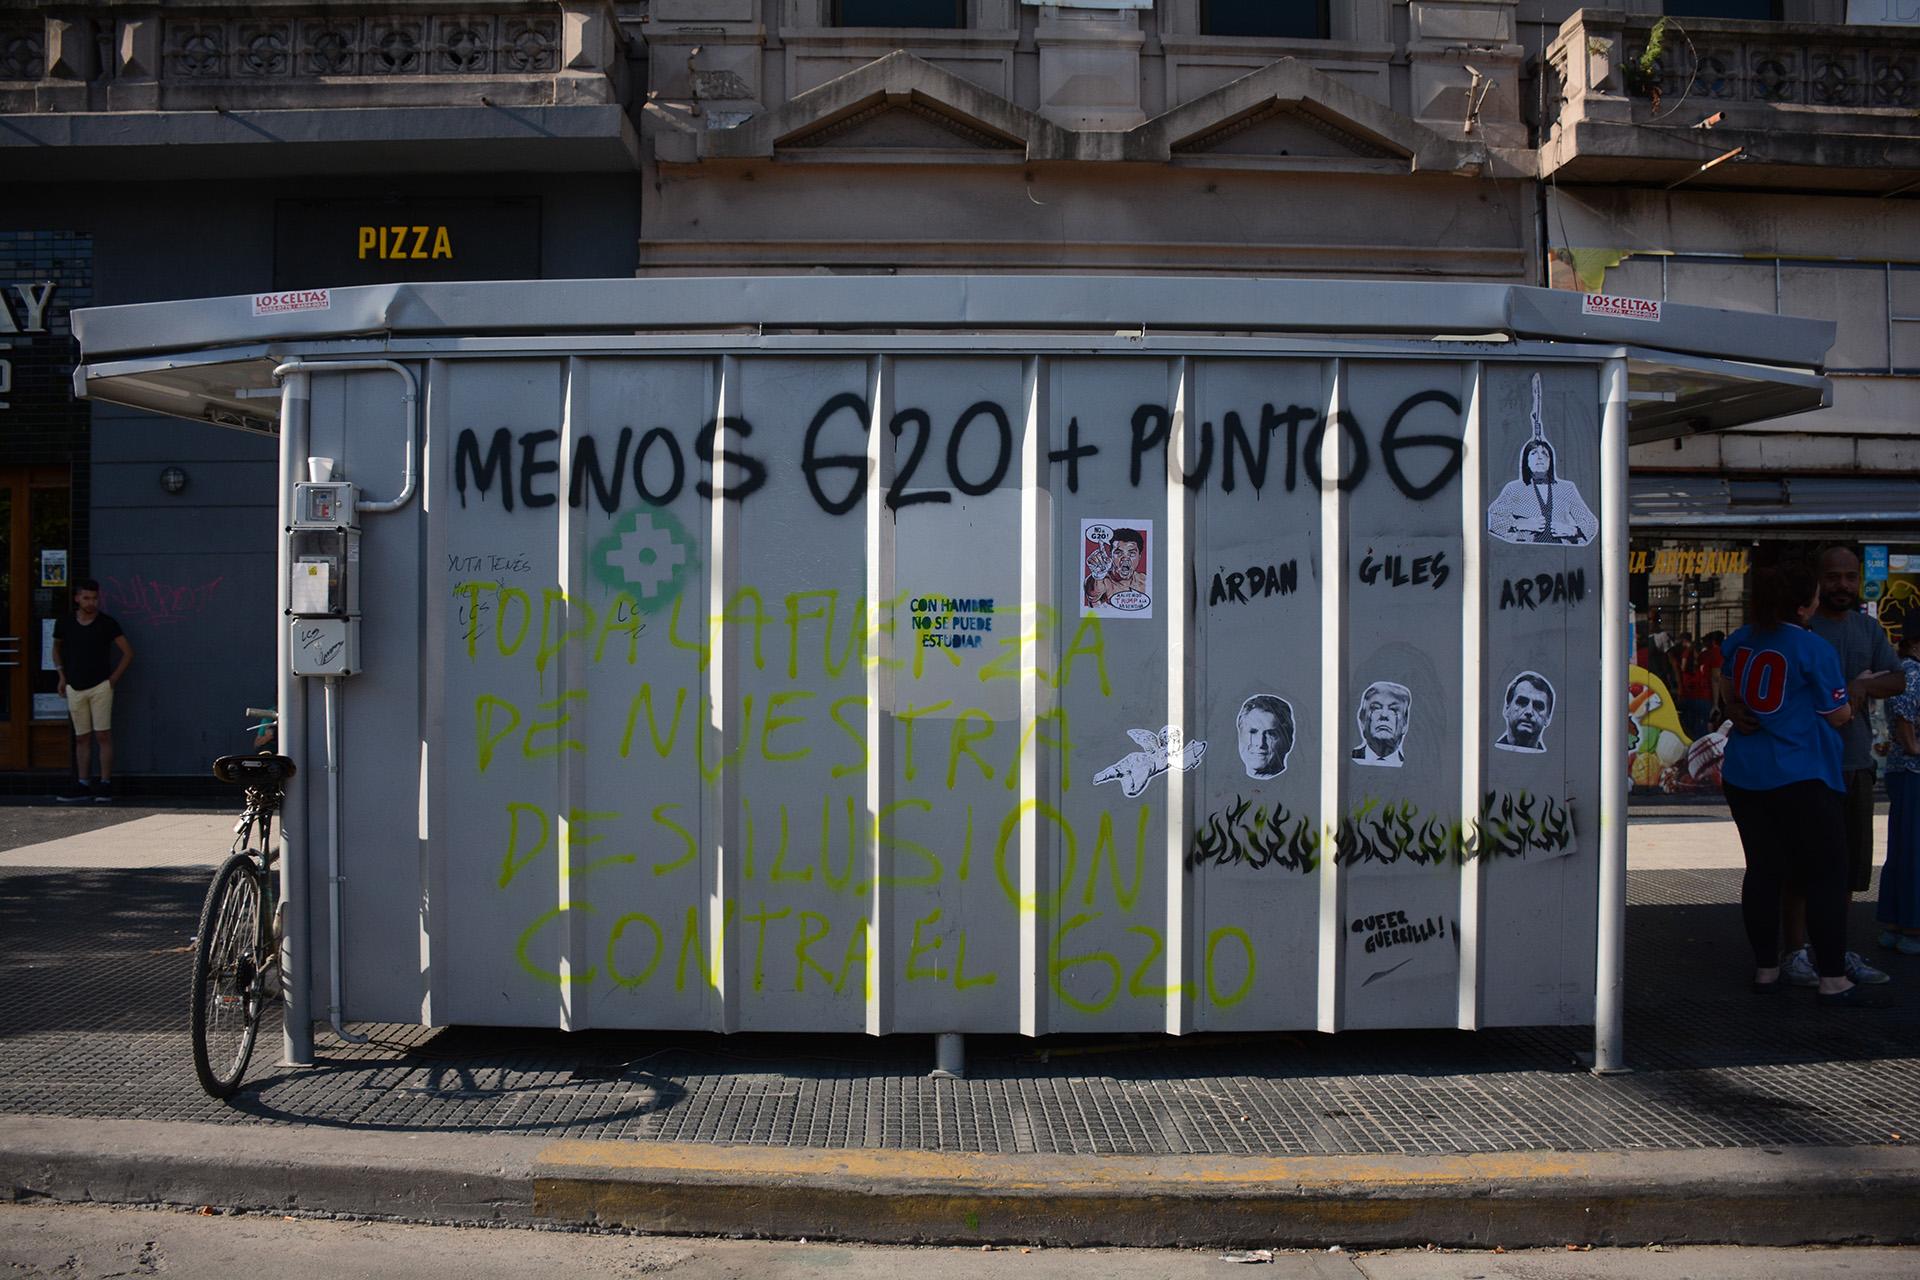 Los manifestantes pintaron y dañaron las instalaciones de un puesto de diarios